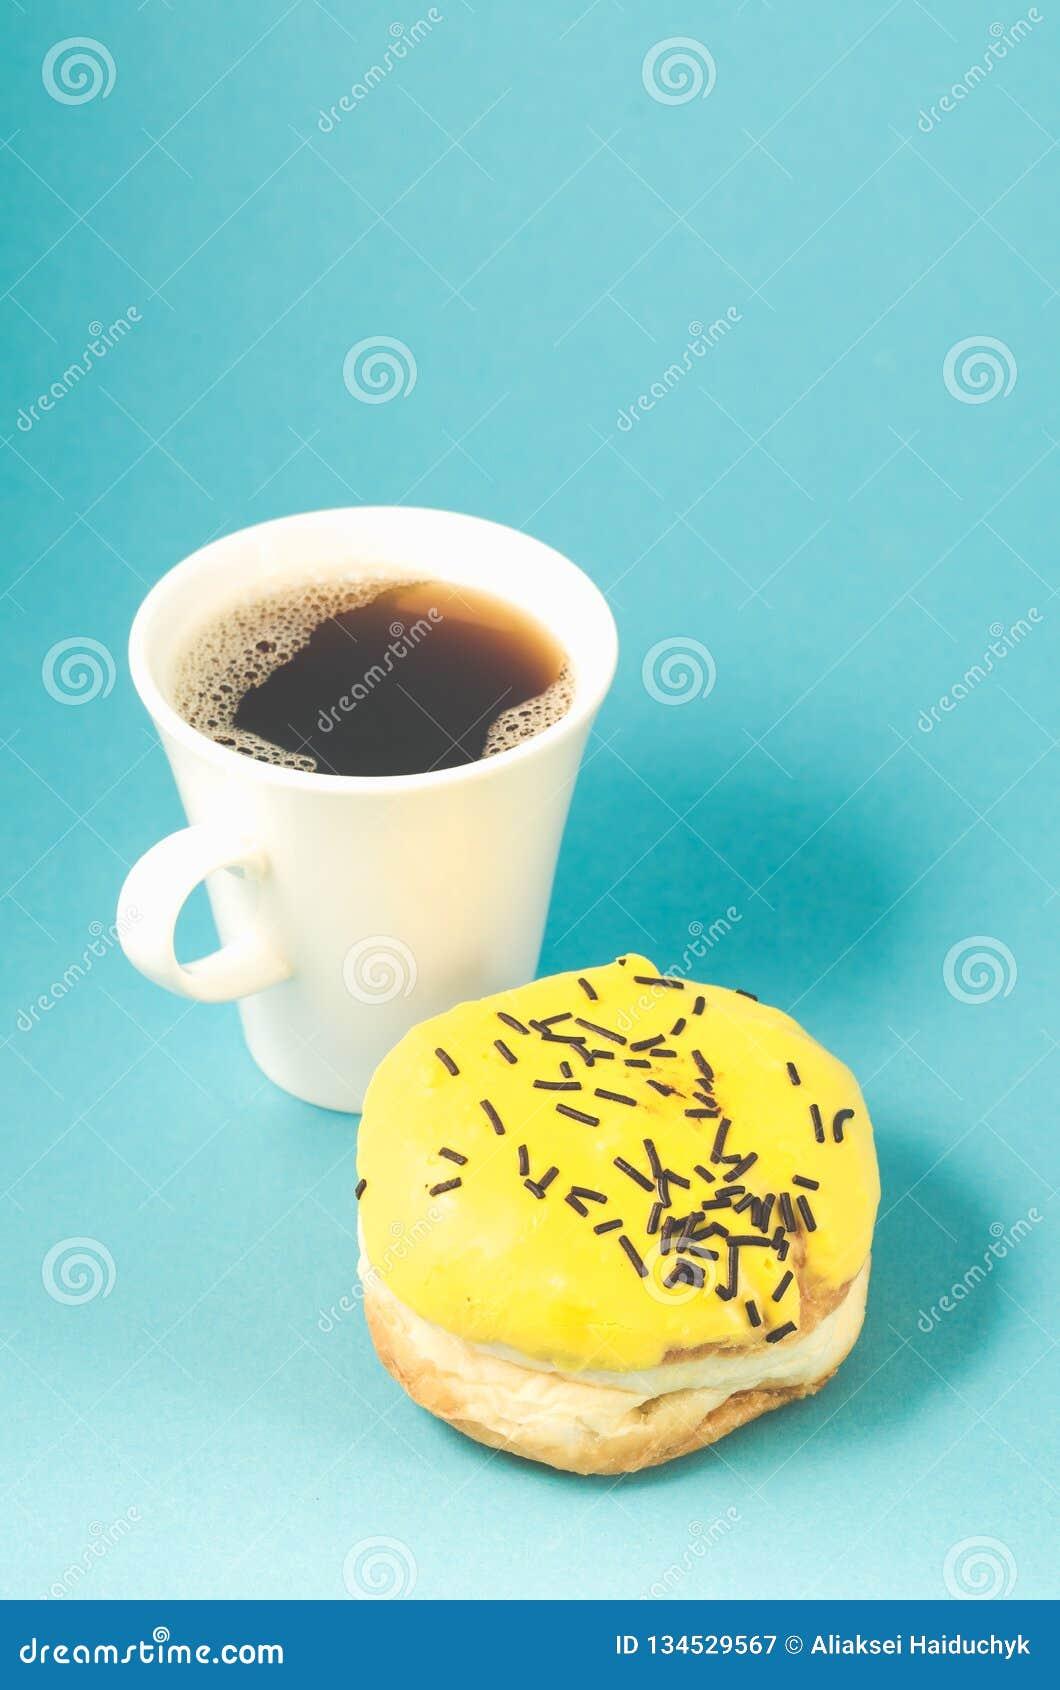 Filhós e copo do coffe isolado no fundo azul /Donut no esmalte amarelo e copo branco do coffe no fundo azul